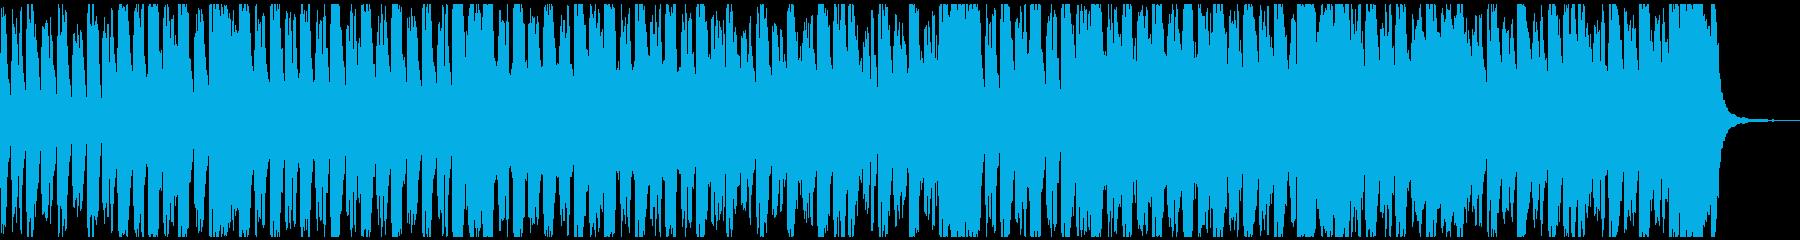 明るい行進曲風オーケストラ メロ抜きの再生済みの波形